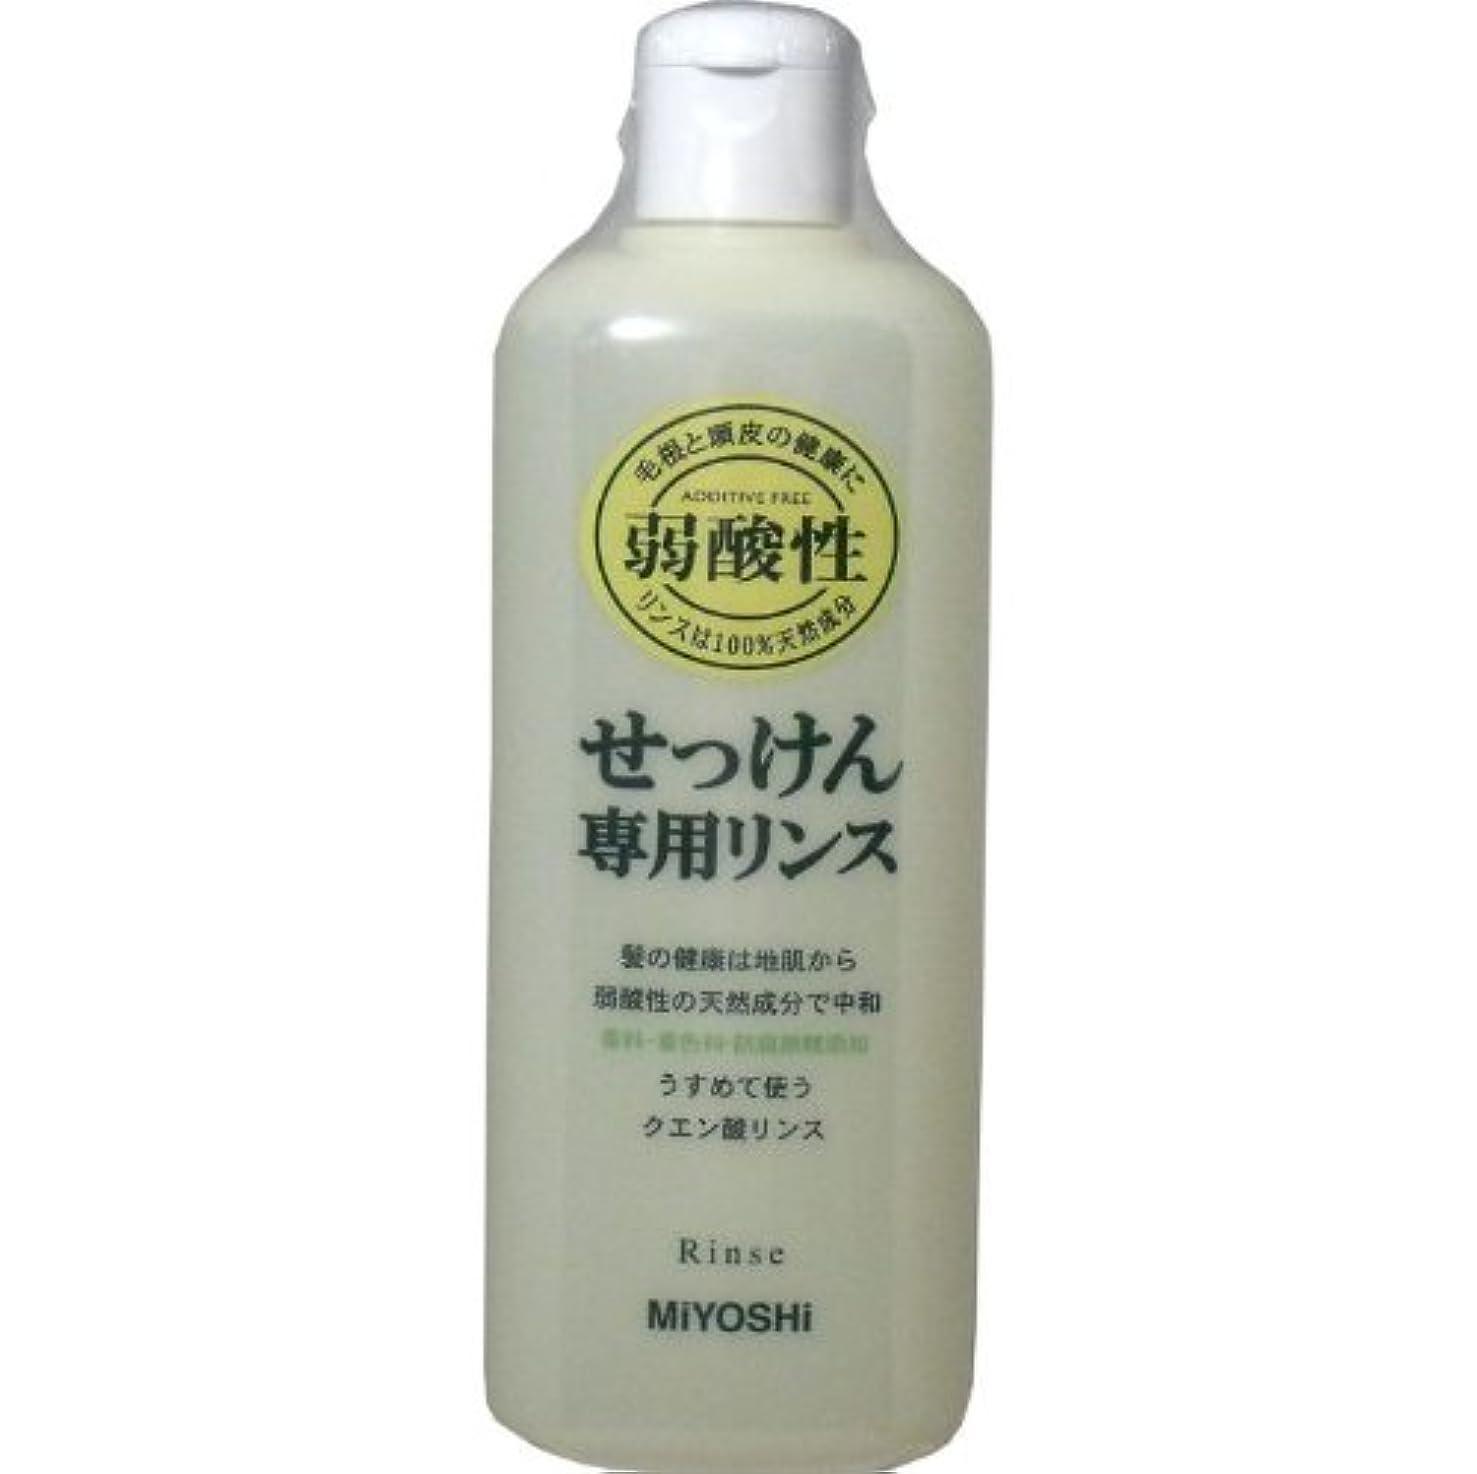 マーティンルーサーキングジュニア火星卒業記念アルバム髪の健康は地肌から、弱酸性の天然成分で中和!!香料、防腐剤、着色料無添加!うすめて使うクエン酸リンス!リンス 350mL